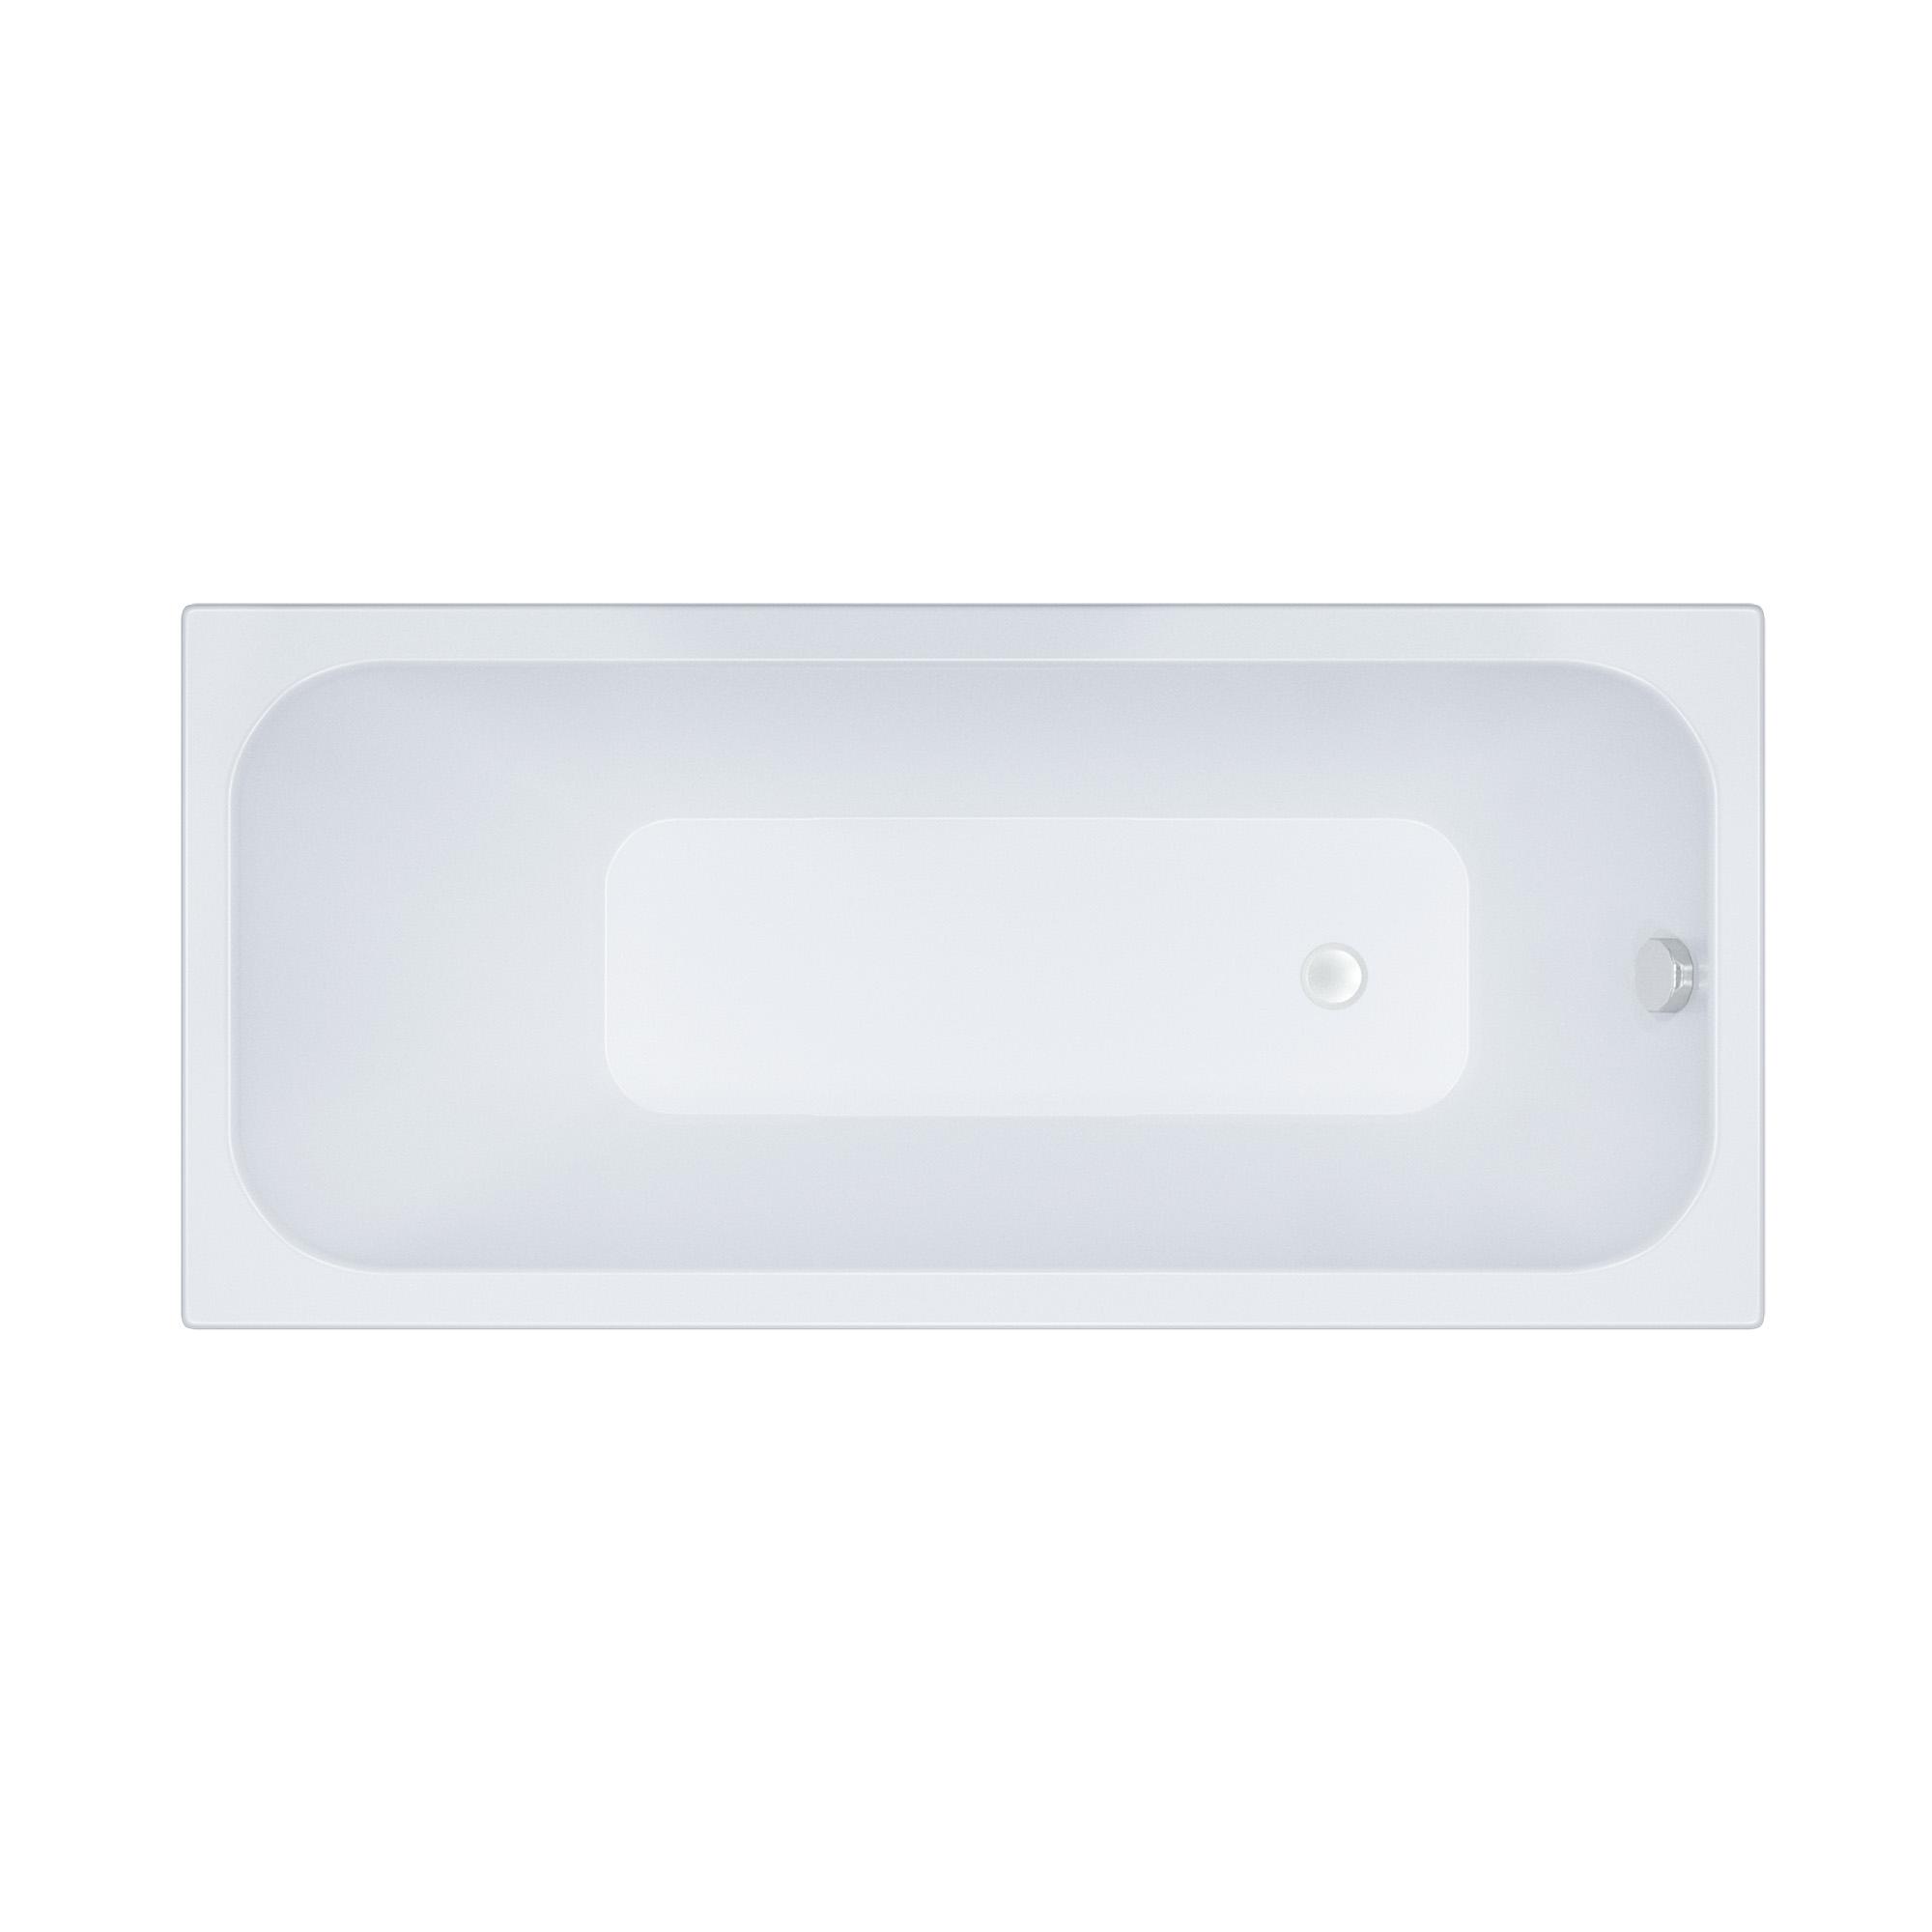 Акриловая ванна Тритон Ультра 150 слив перелив alcaplast для ванны под бронзу a55 antic